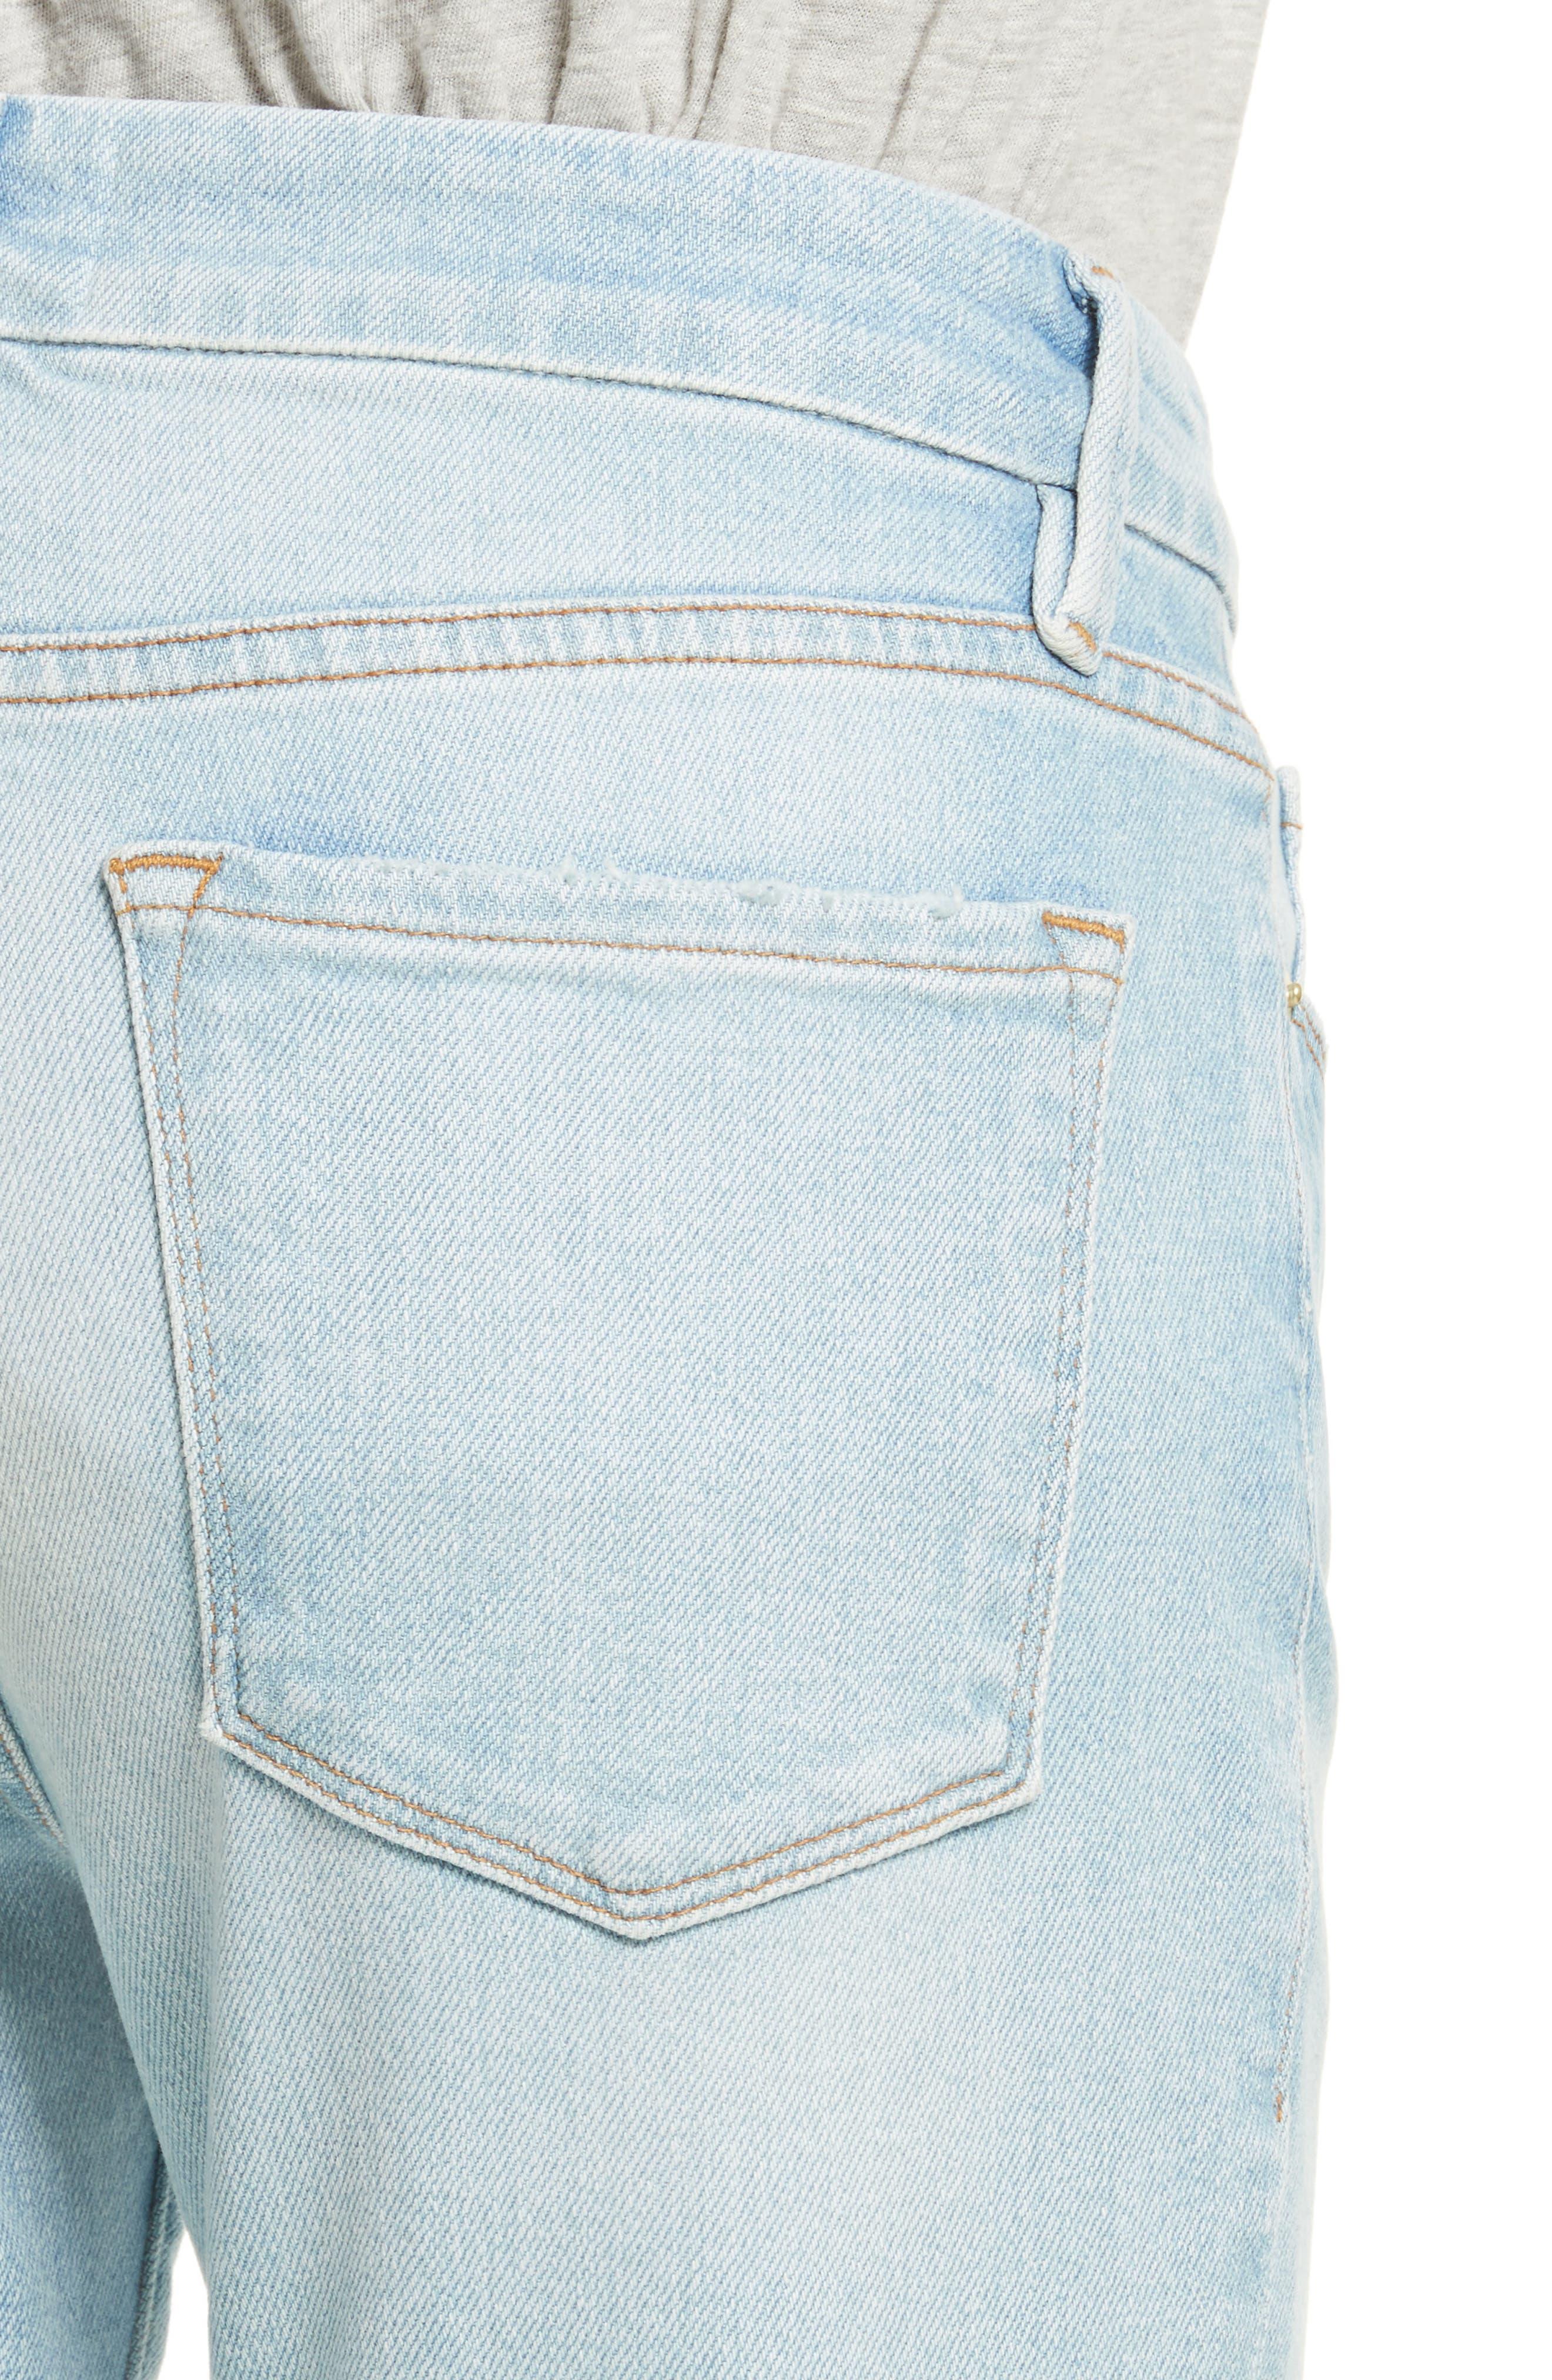 Le Crop Mini Boot Jeans,                             Alternate thumbnail 4, color,                             Adeline